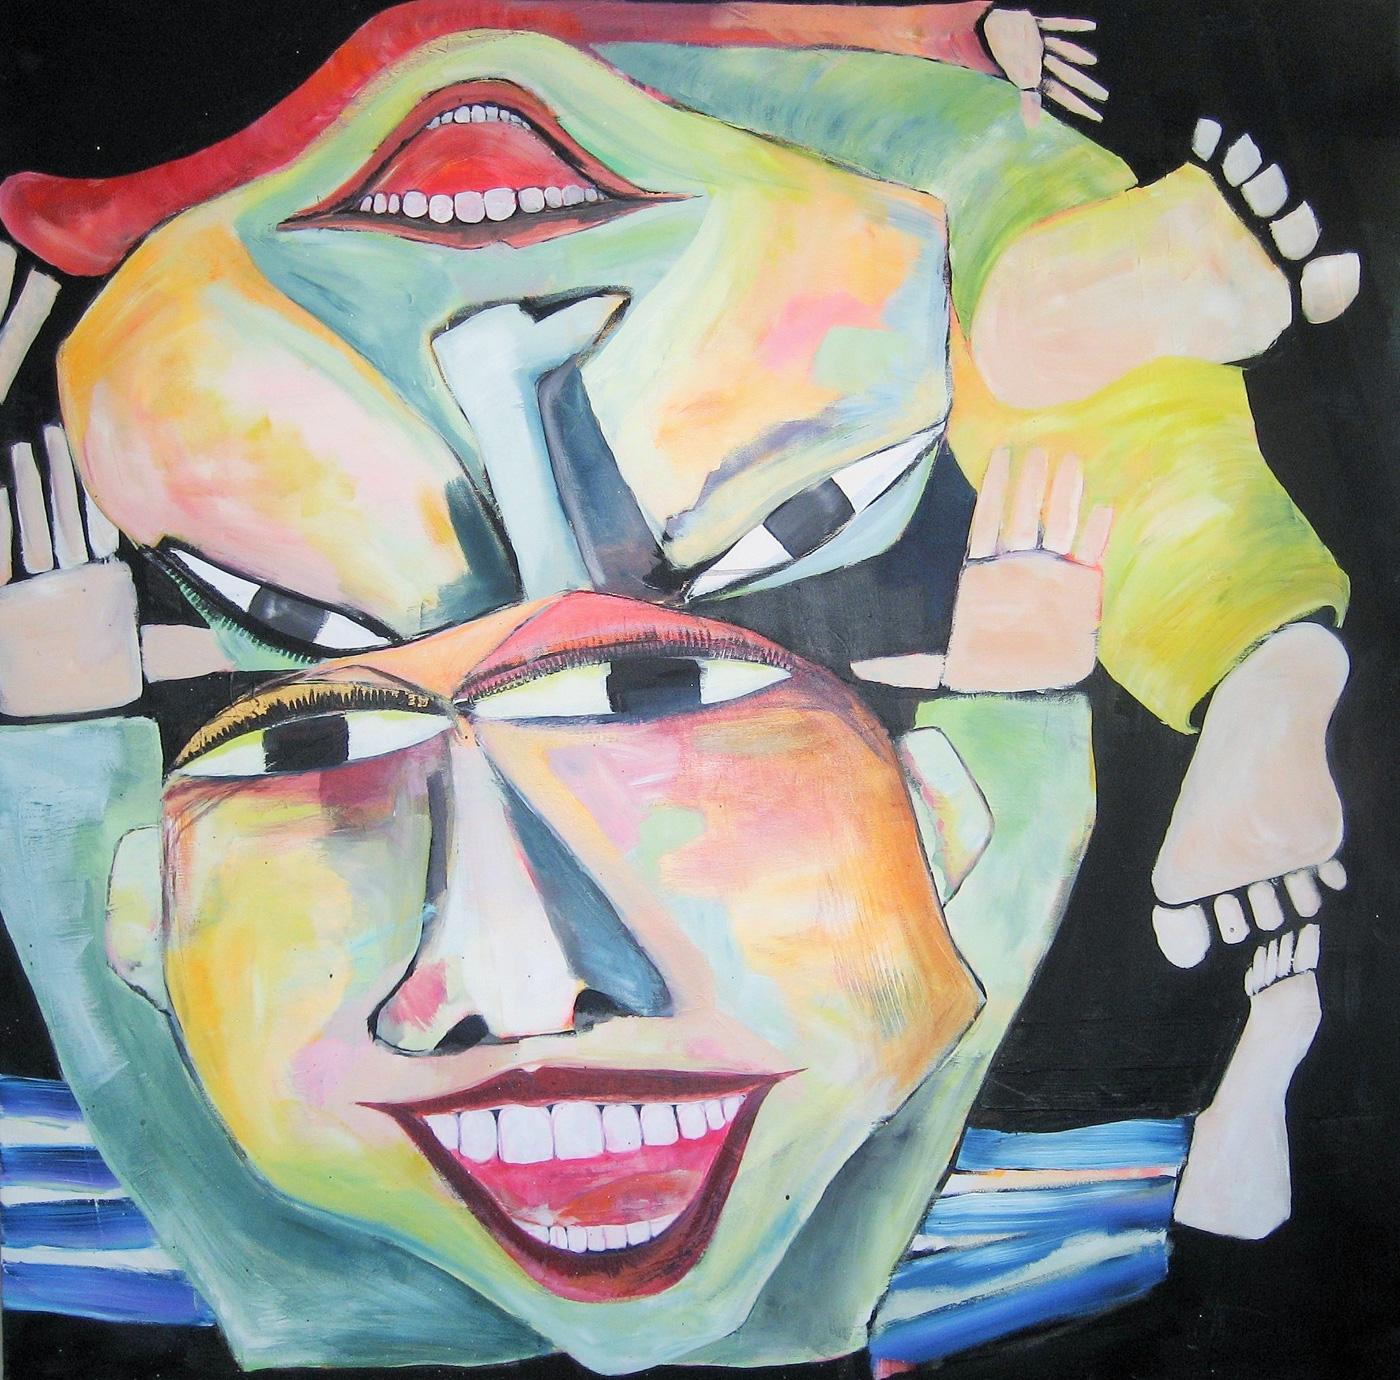 Akryl-på-lærred,-100x100-cm,-Serie2-Titel-Trampolinhop-i-mørke,-Pris-6000